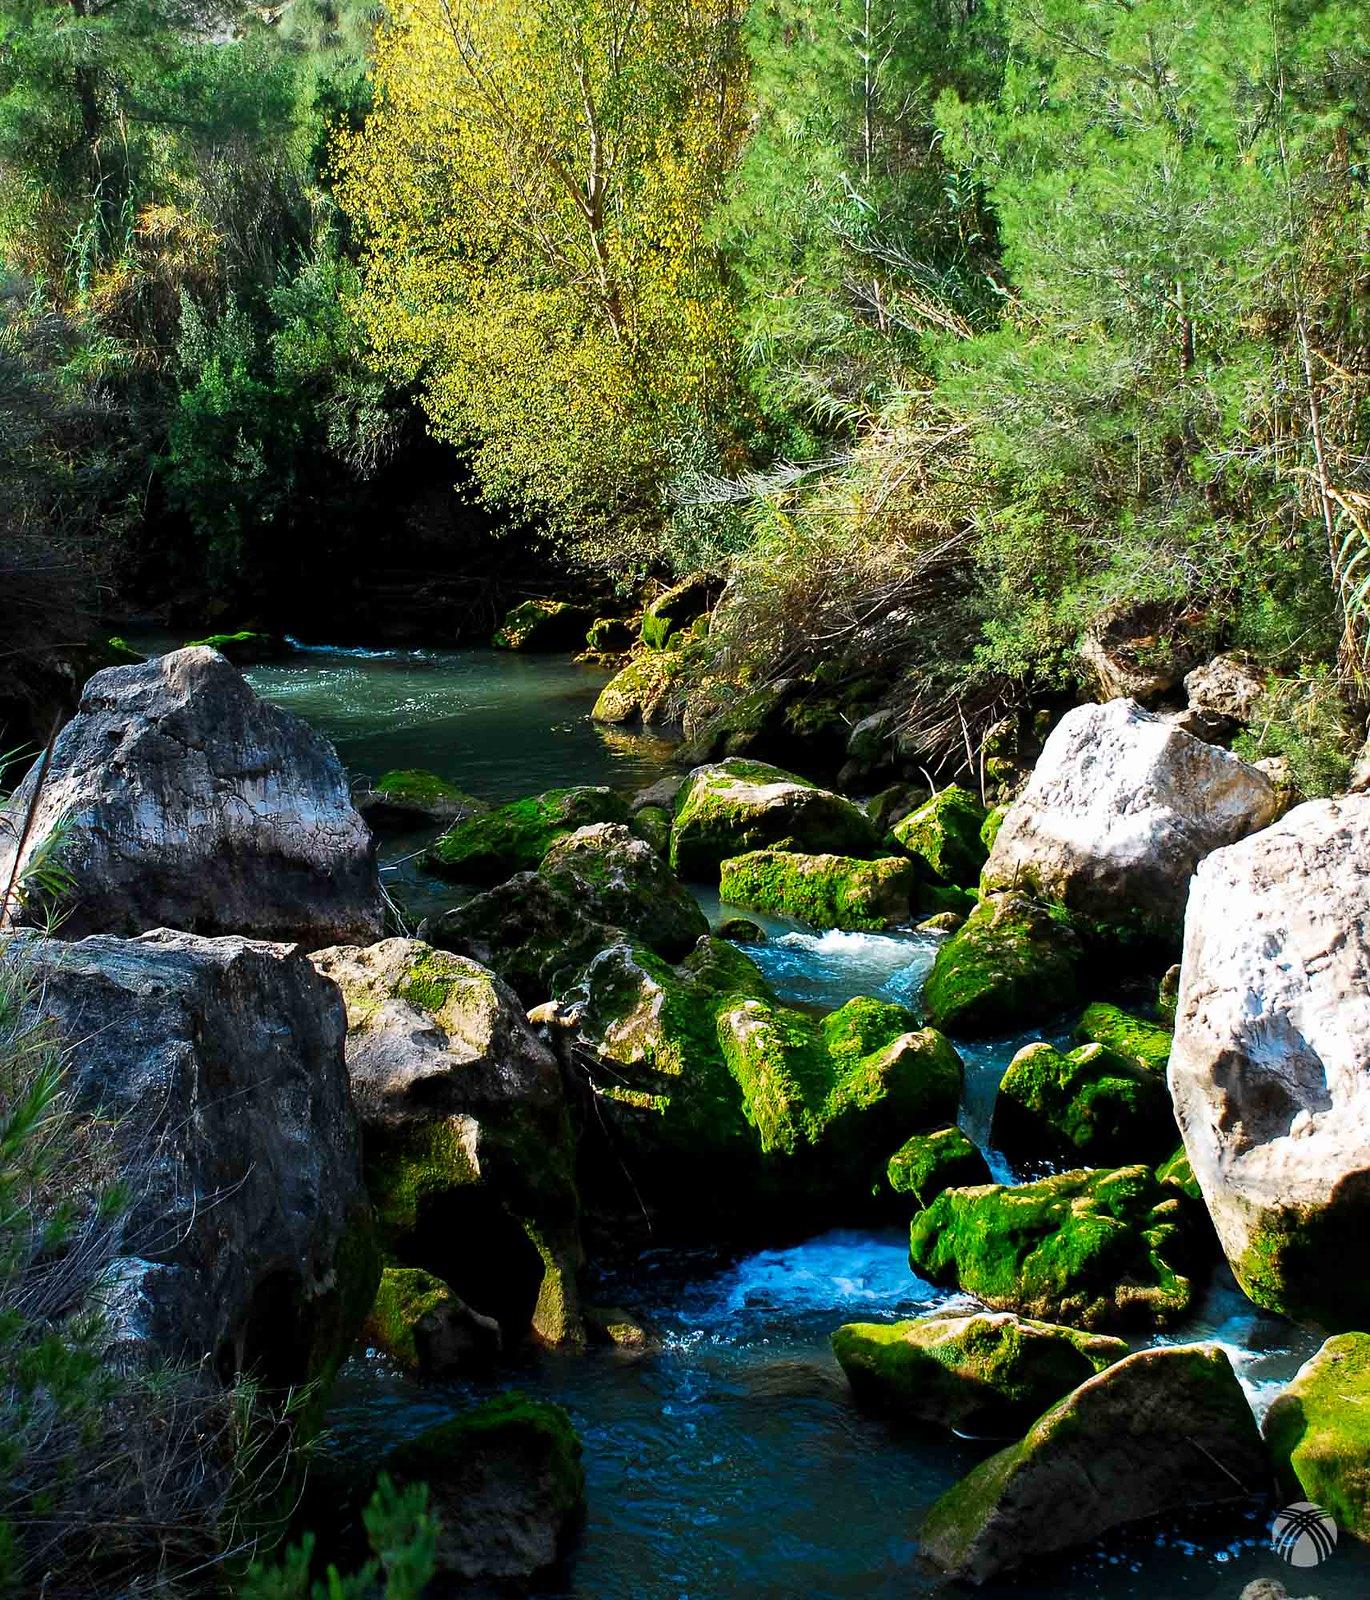 El río aquí está vivo